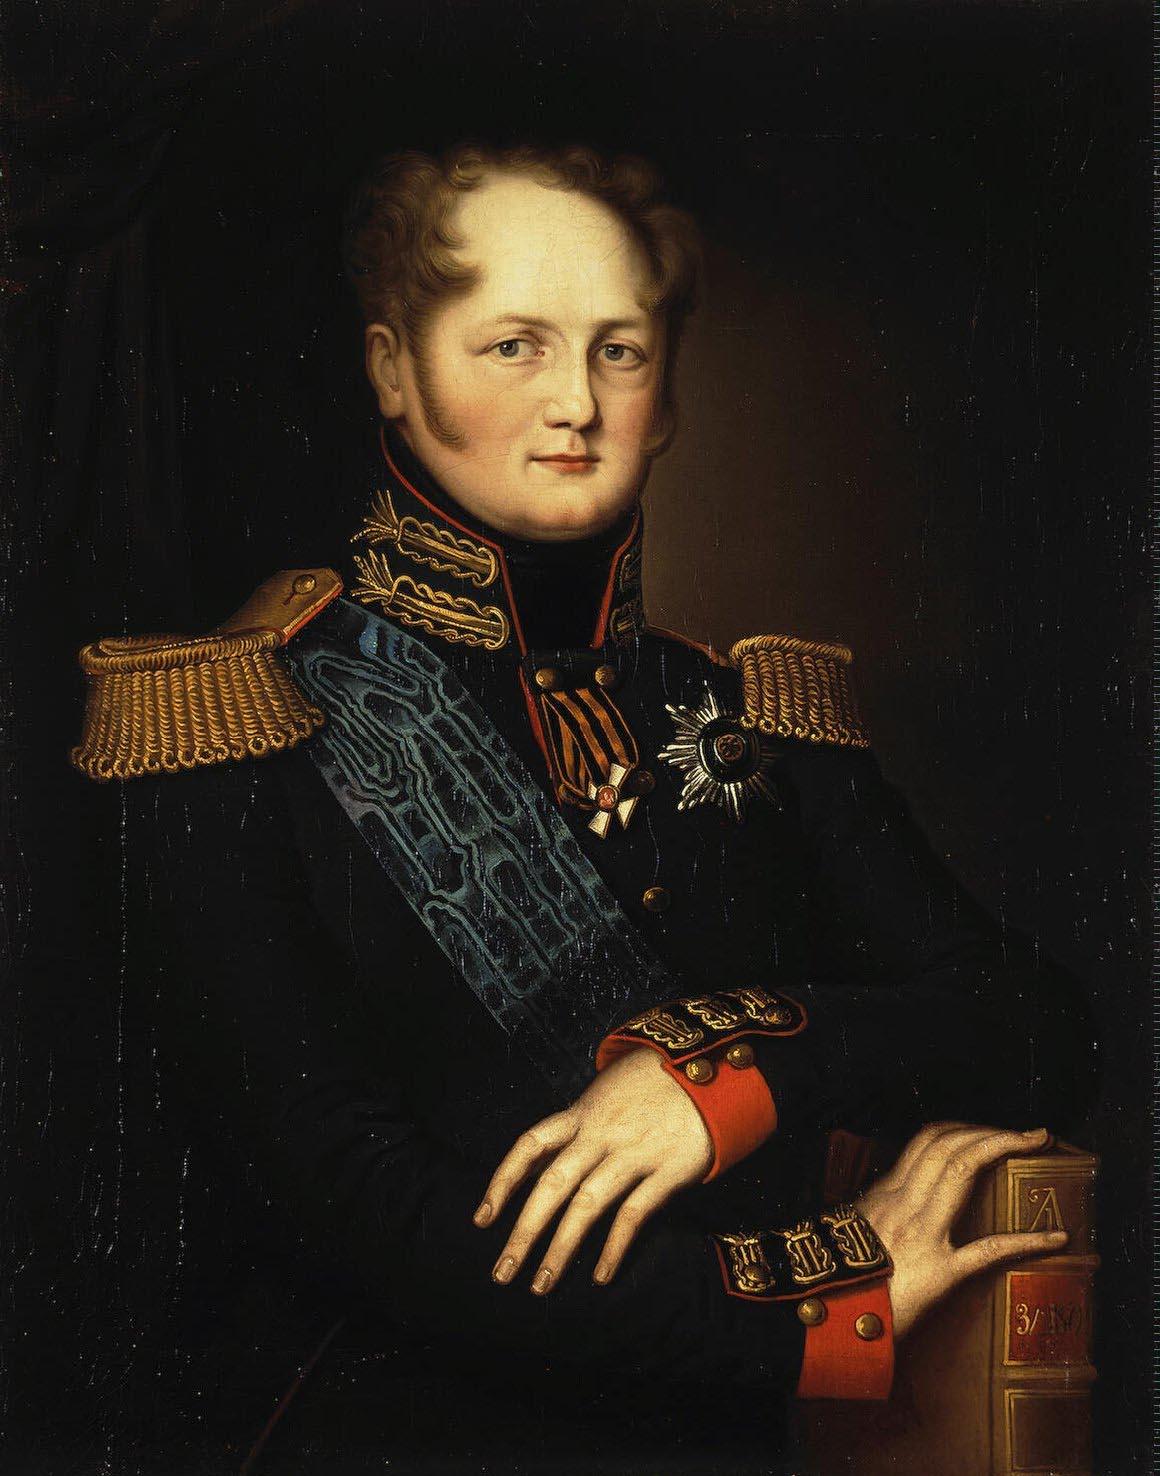 Император Александр I. Автор неизвестен, 1811-1812. Runivers.Ru